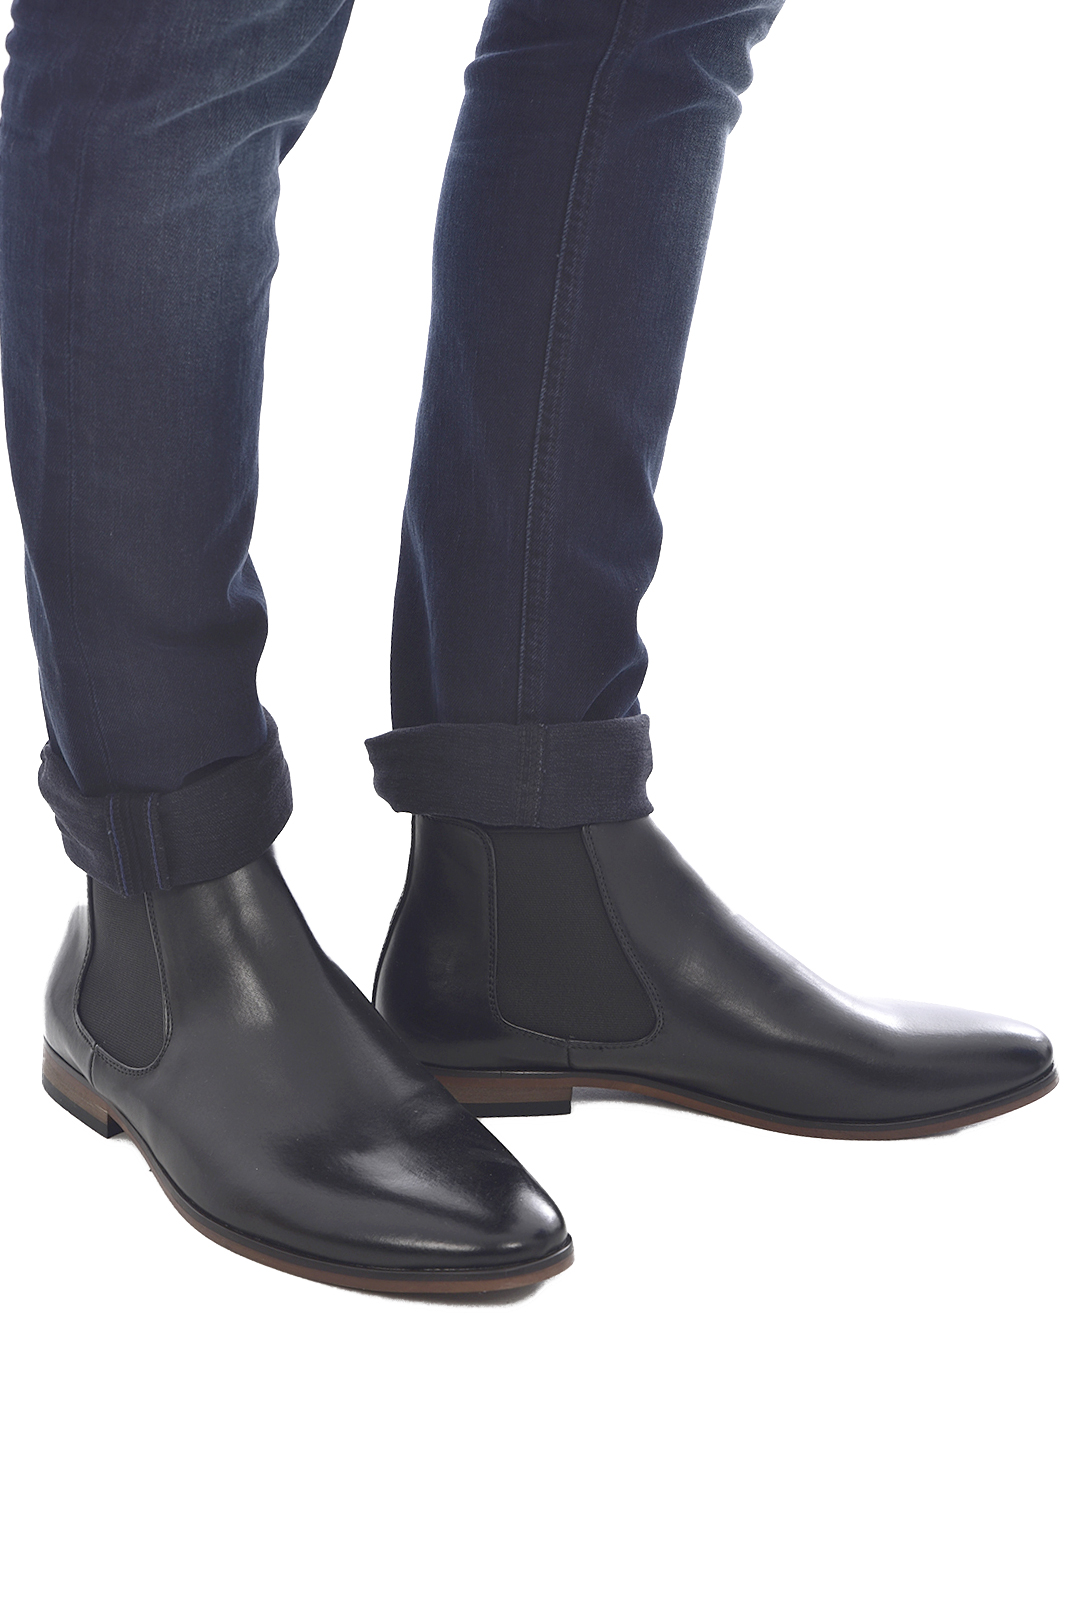 Chaussures de ville  Galax GH3072 NOIR